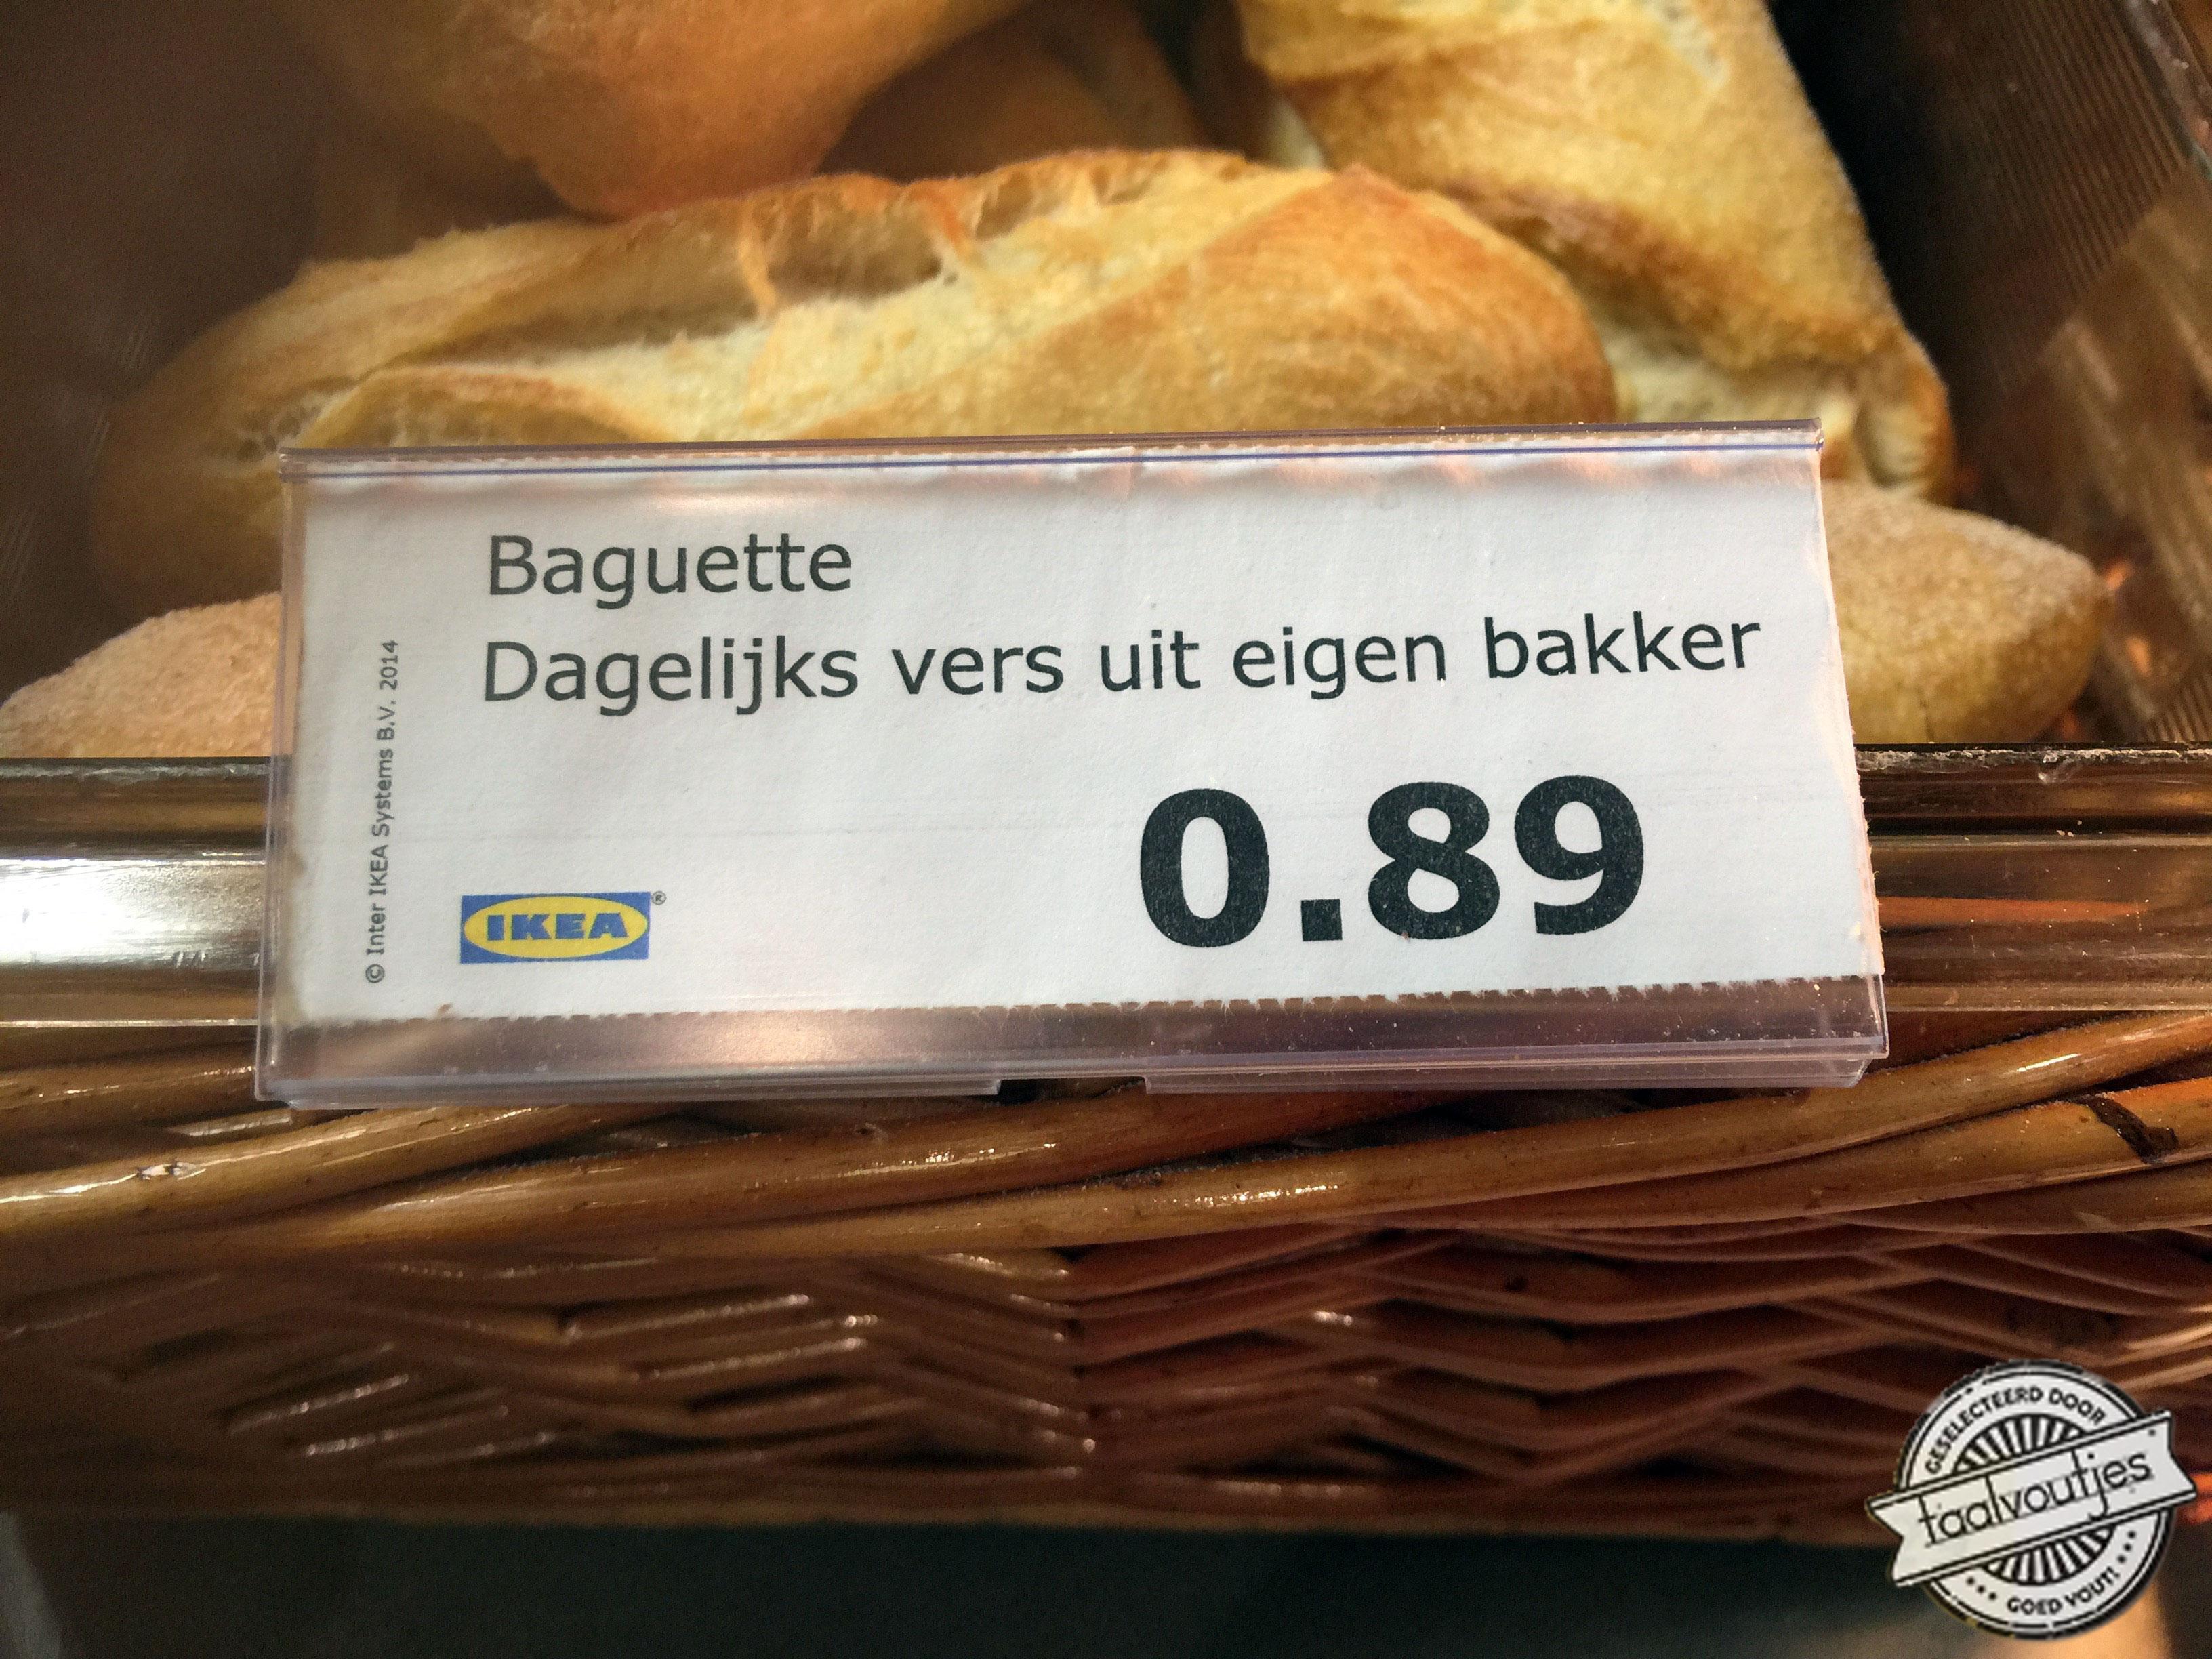 Baguette dagelijks vers uit eigen bakker - Ikea